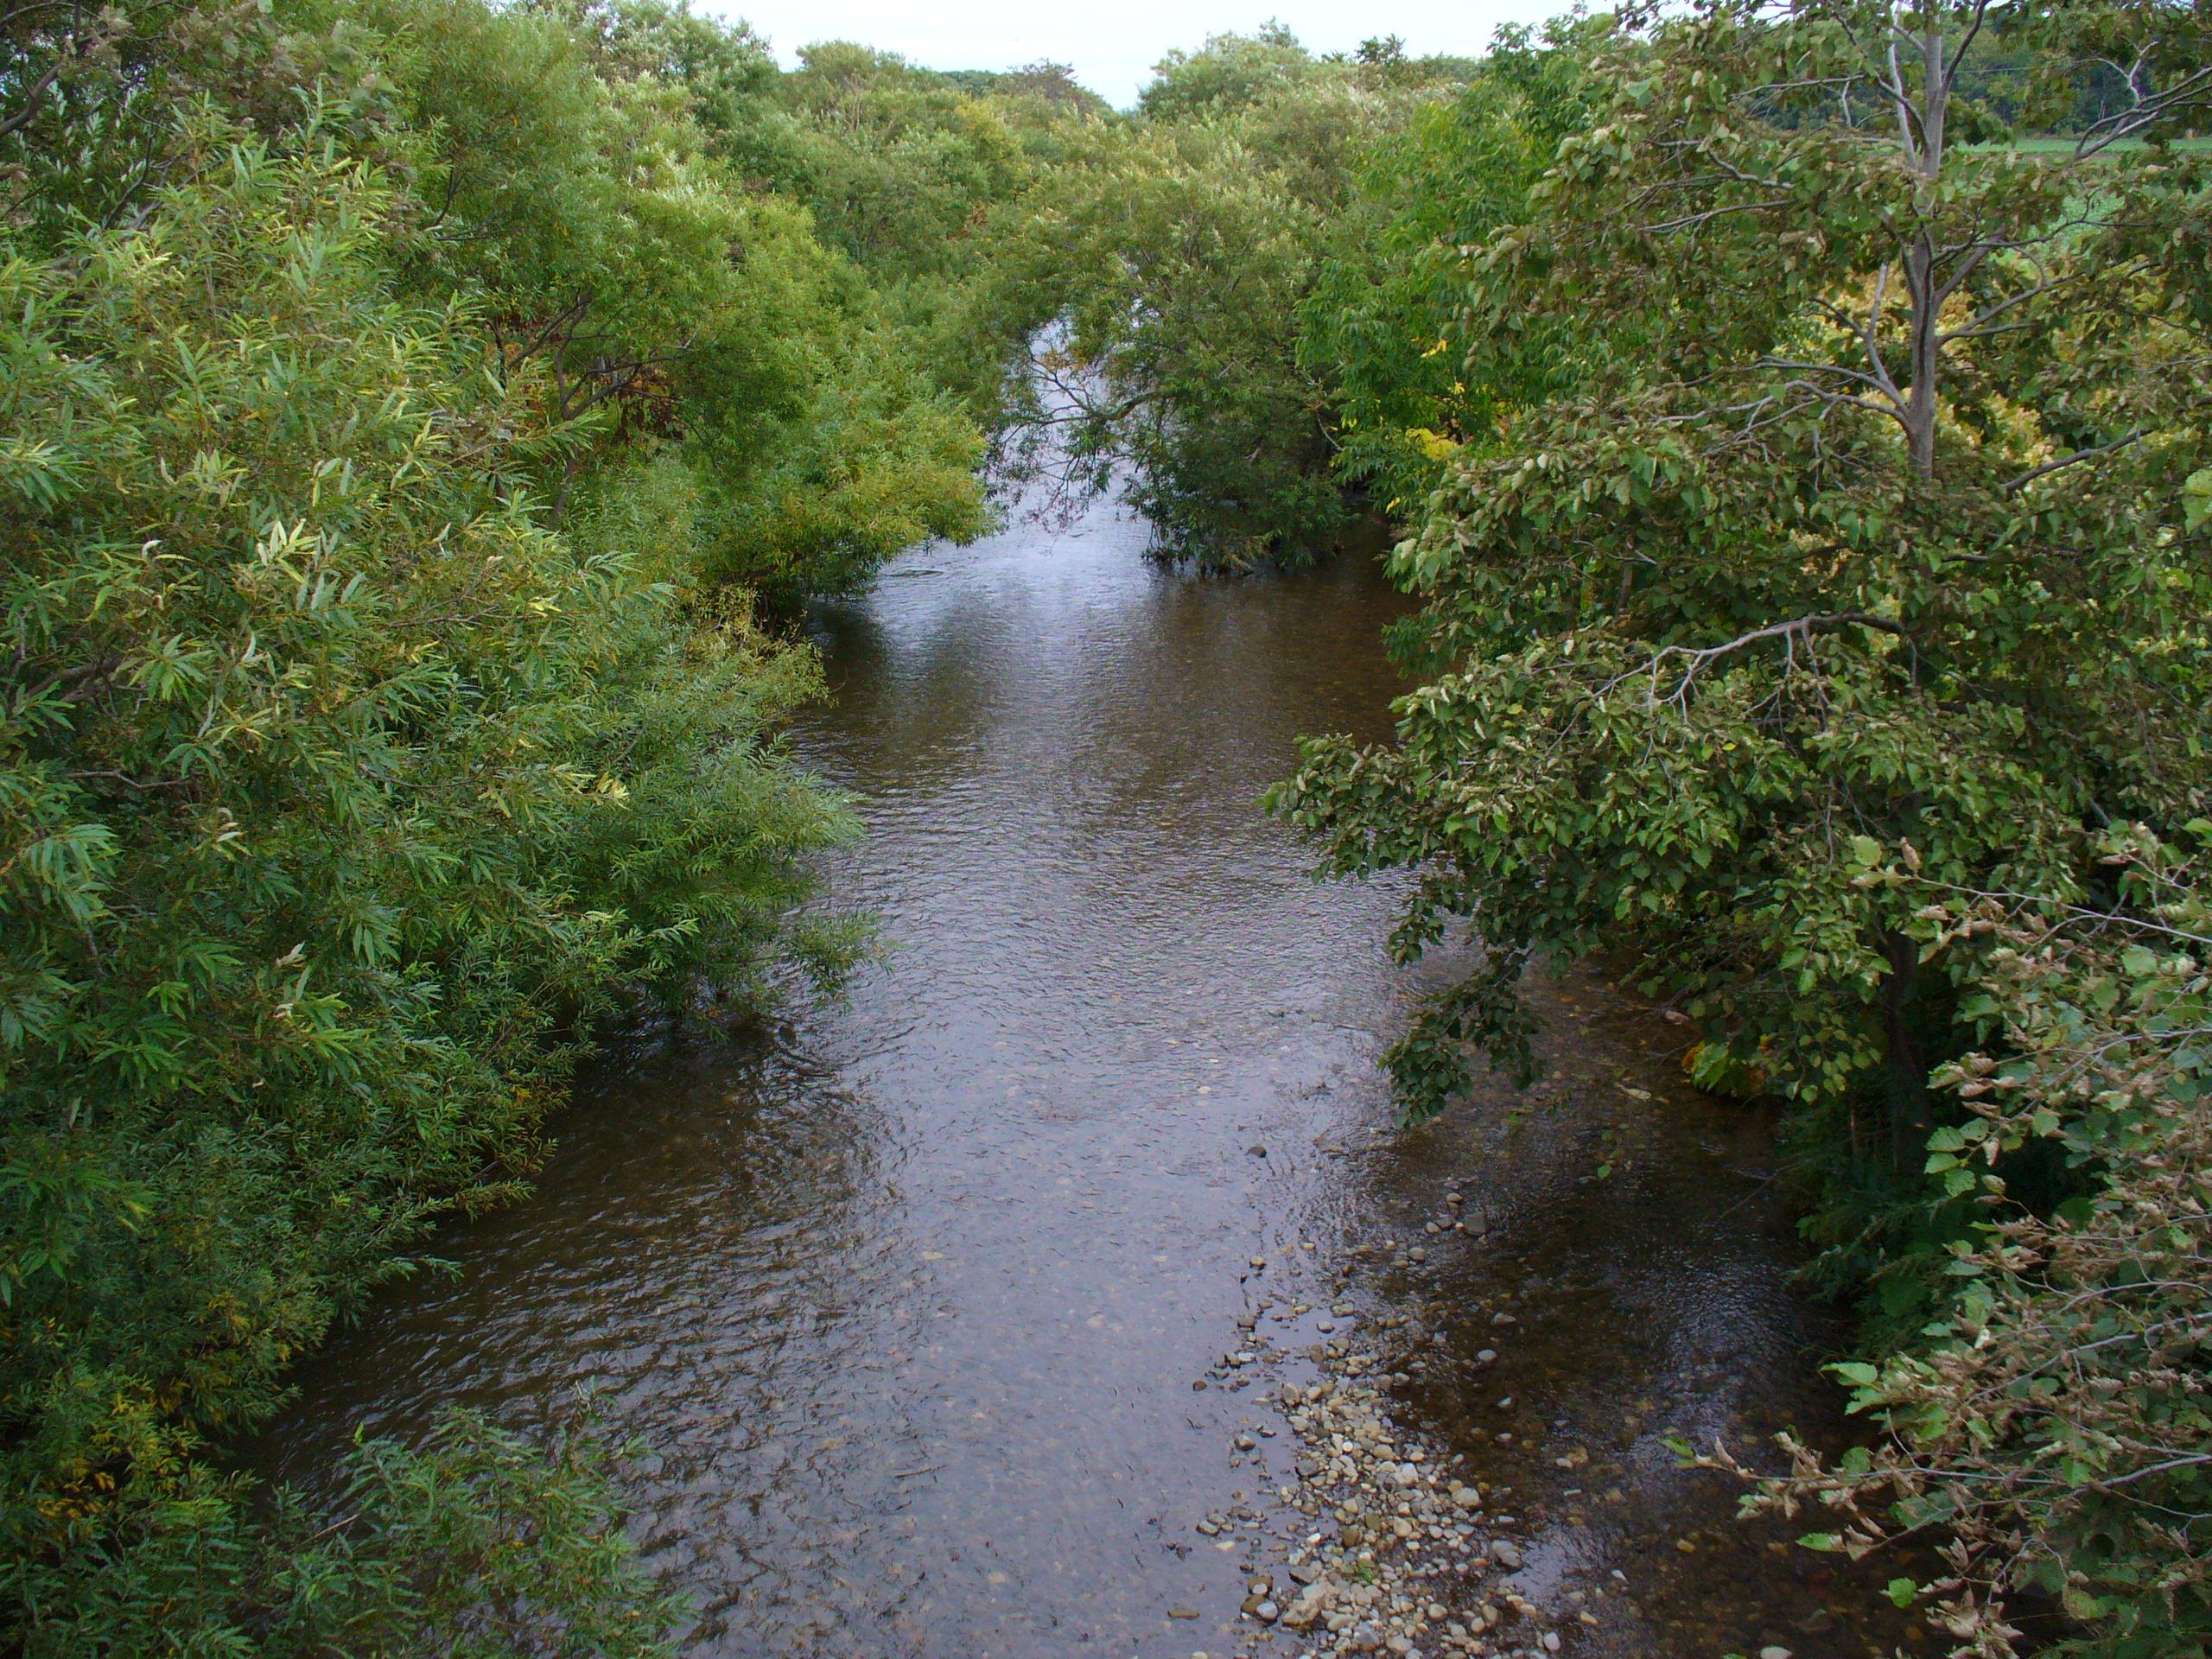 名前もわからない小さな川。ここでもサケが見られました。